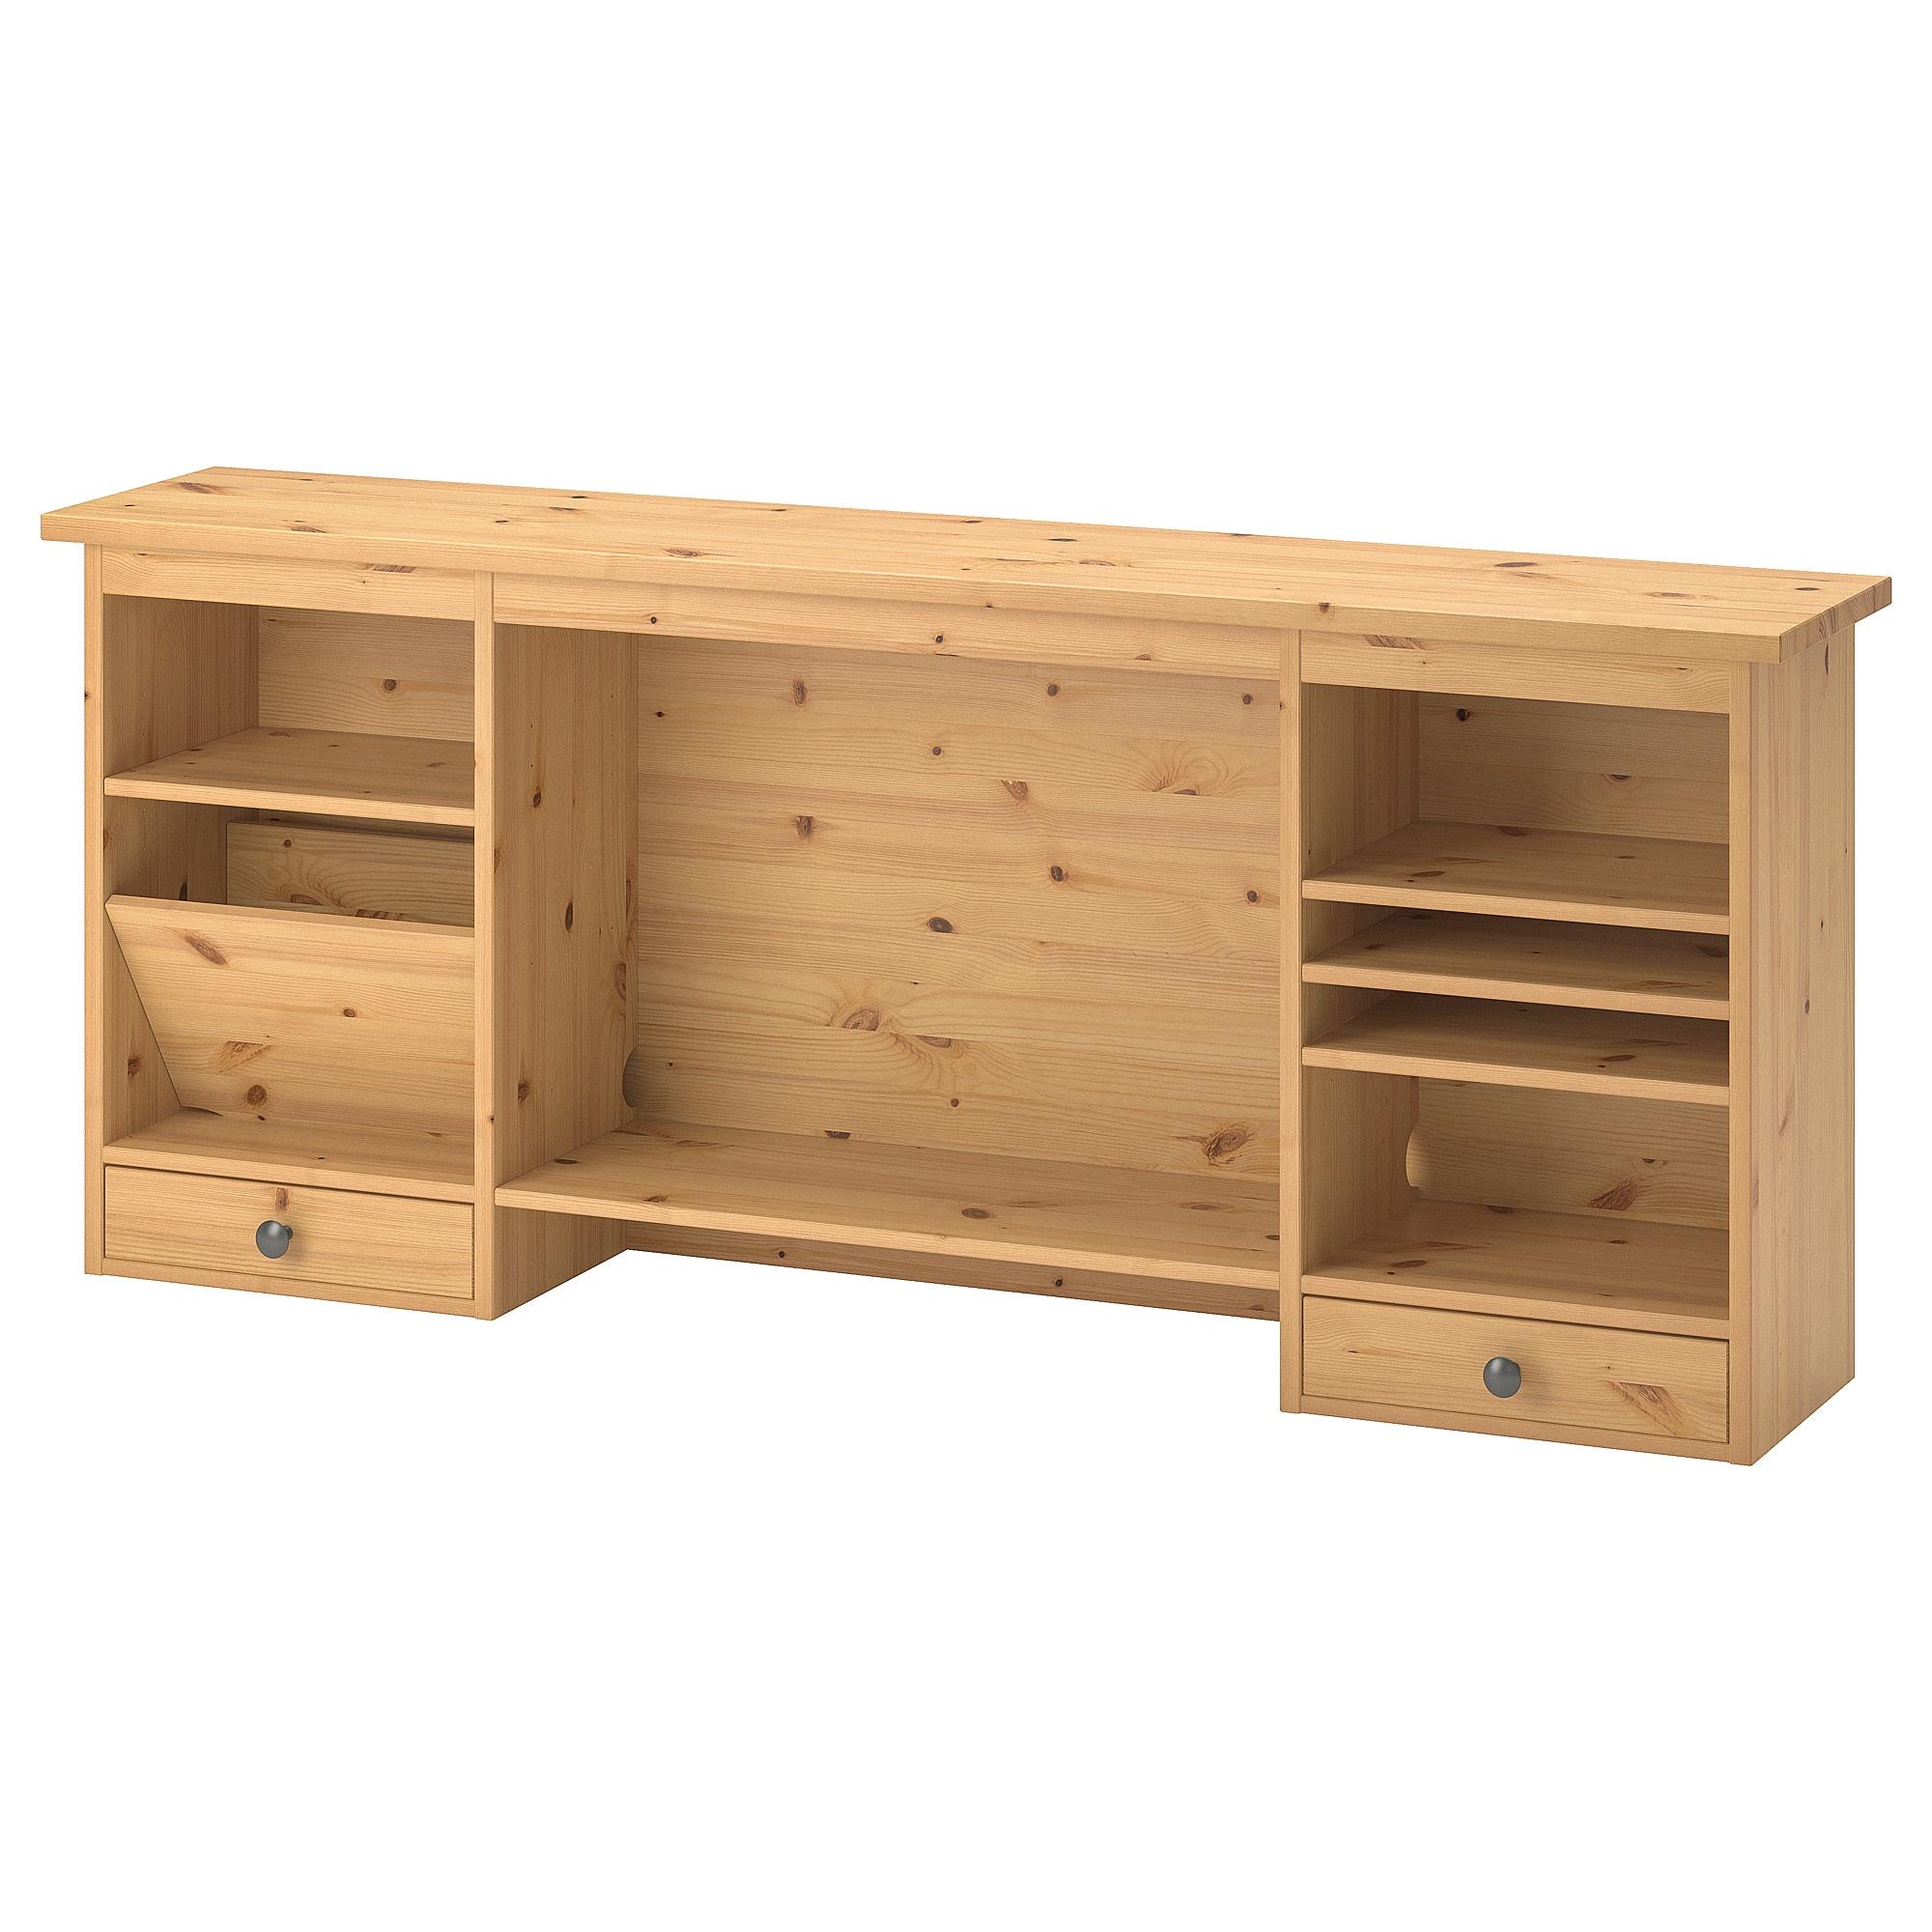 Дополнительный модуль для стола ХЕМНЭС светло-коричневый артикуль № 803.847.87 в наличии. Интернет магазин IKEA Беларусь. Быстрая доставка и установка.